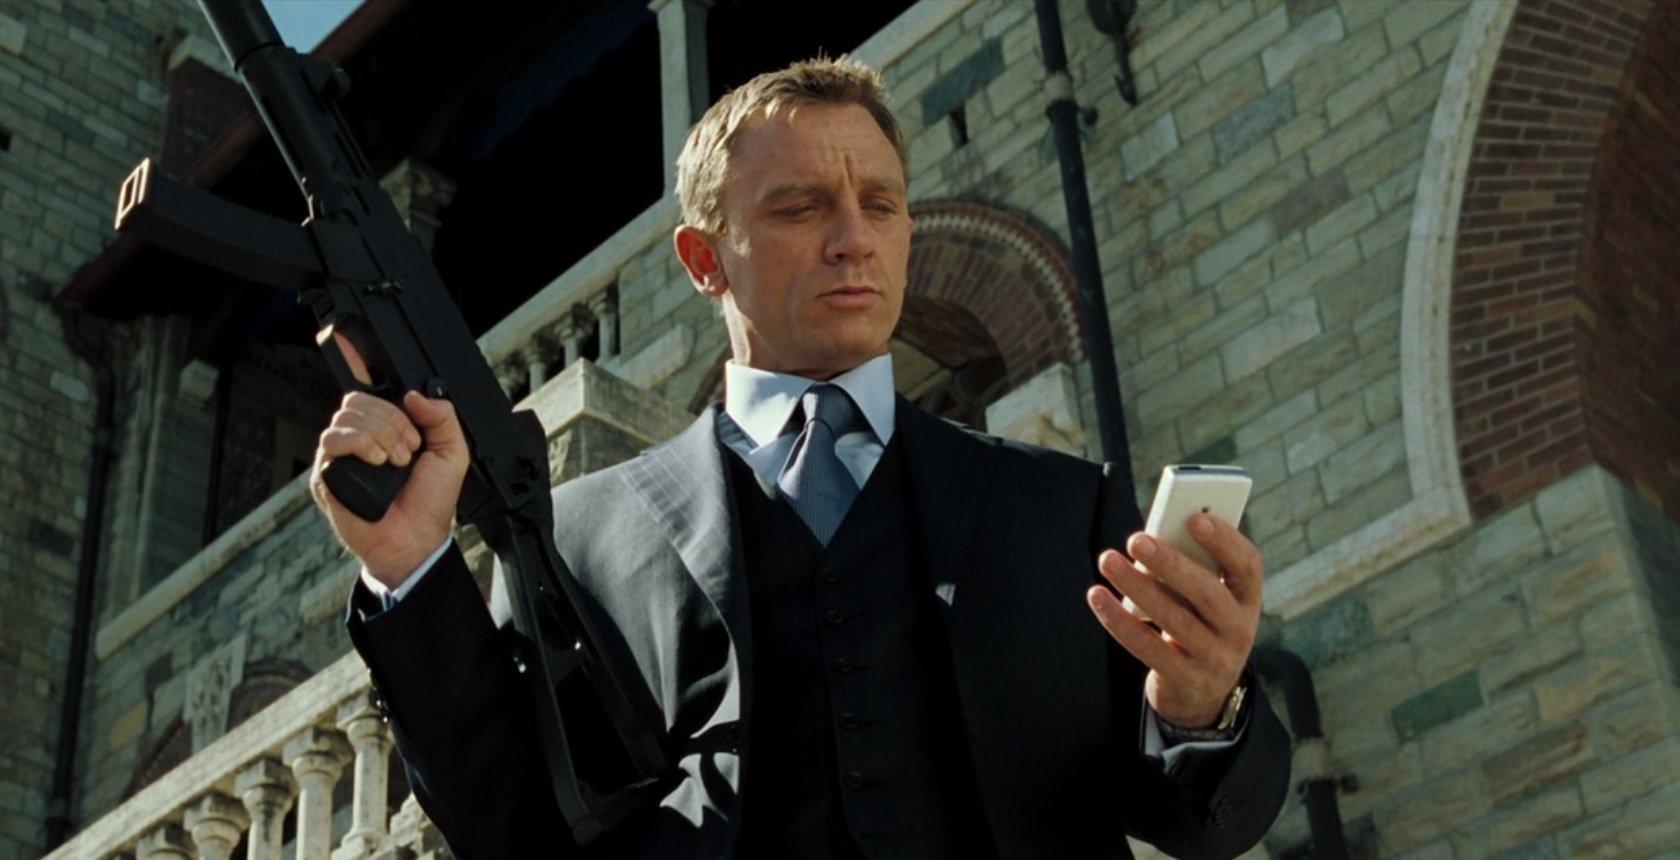 Điệp viên 007 trông hào hoa thế thôi nhưng là sát nhân máu lạnh thực thụ